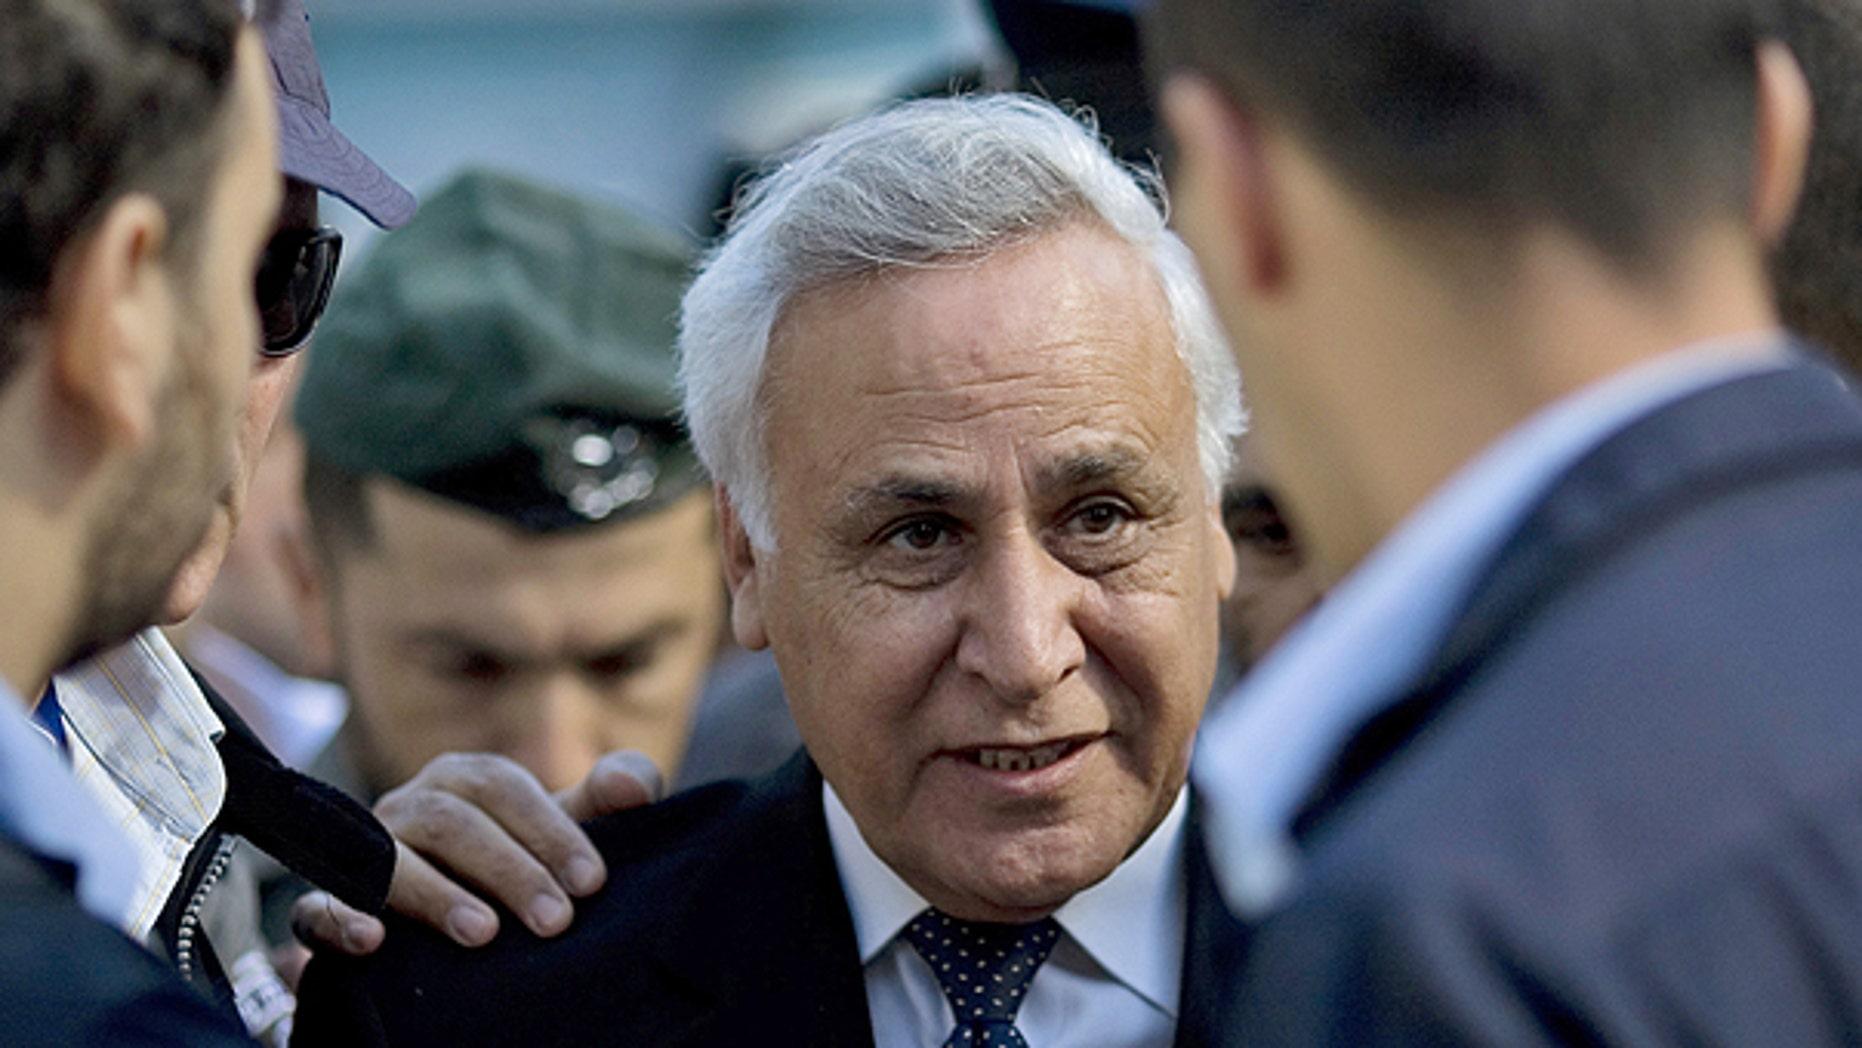 March 22: Former Israeli President Moshe Katsav, center, arrives at a court in Tel Aviv.